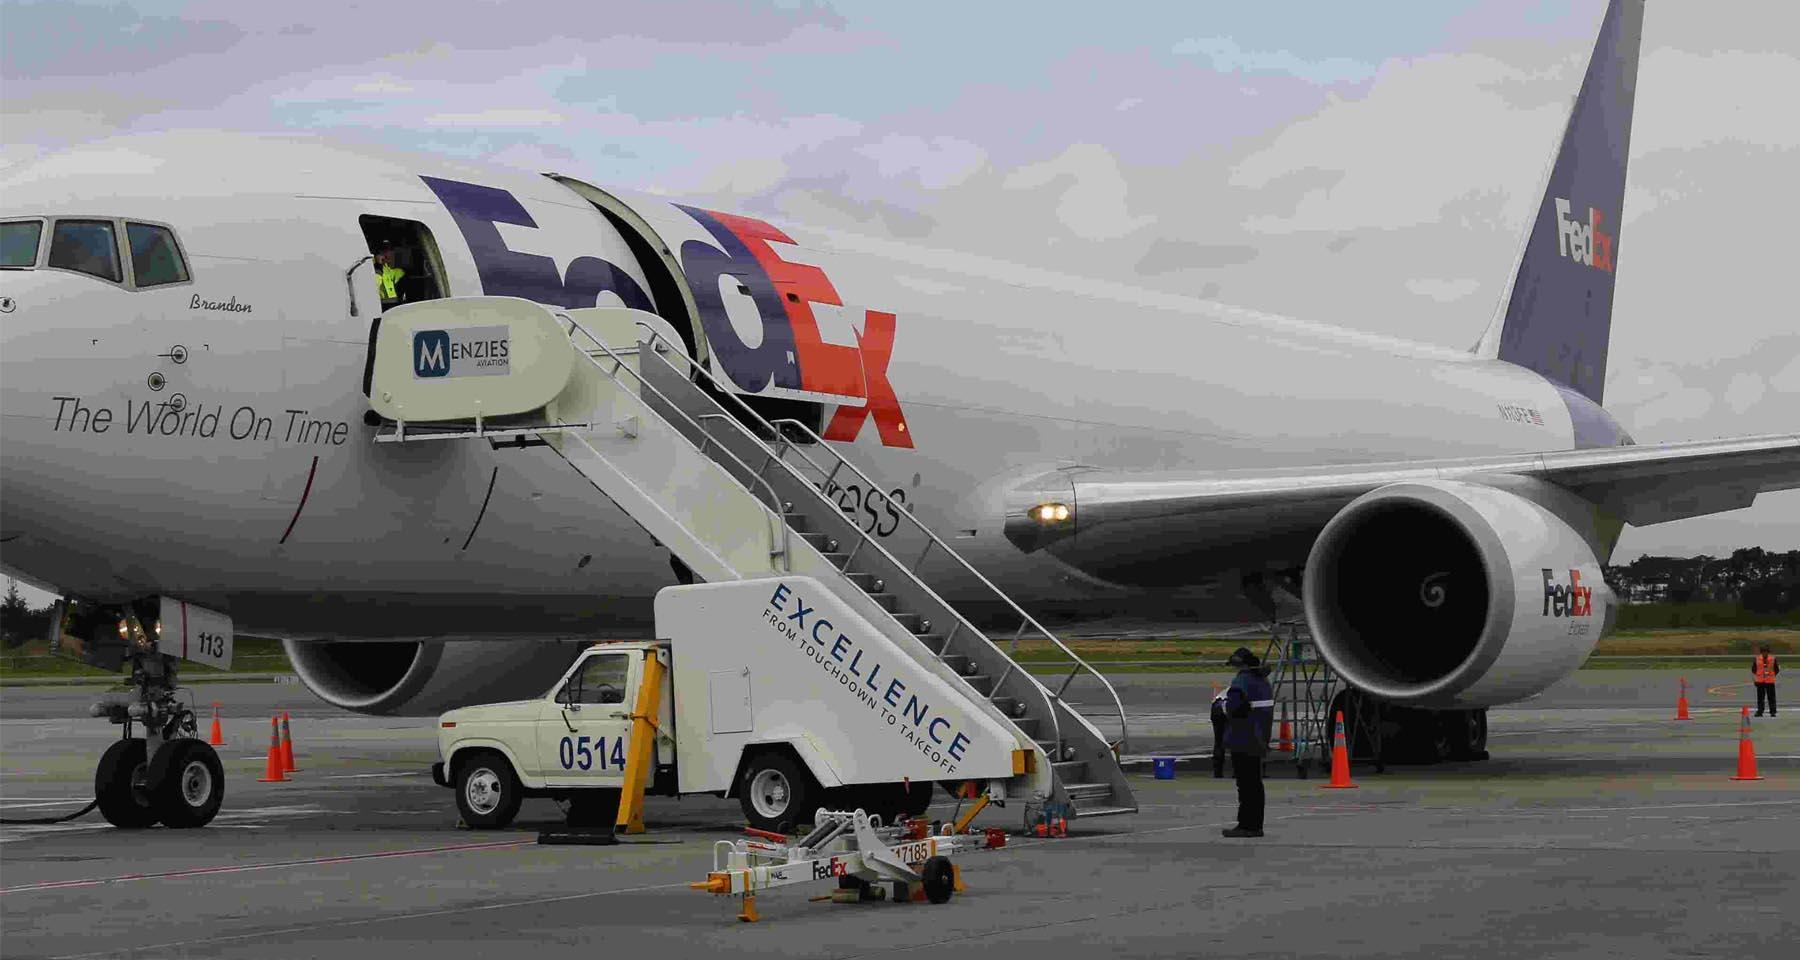 FedEx Paris Charles de Gaulle'den İstanbul'a uçacak